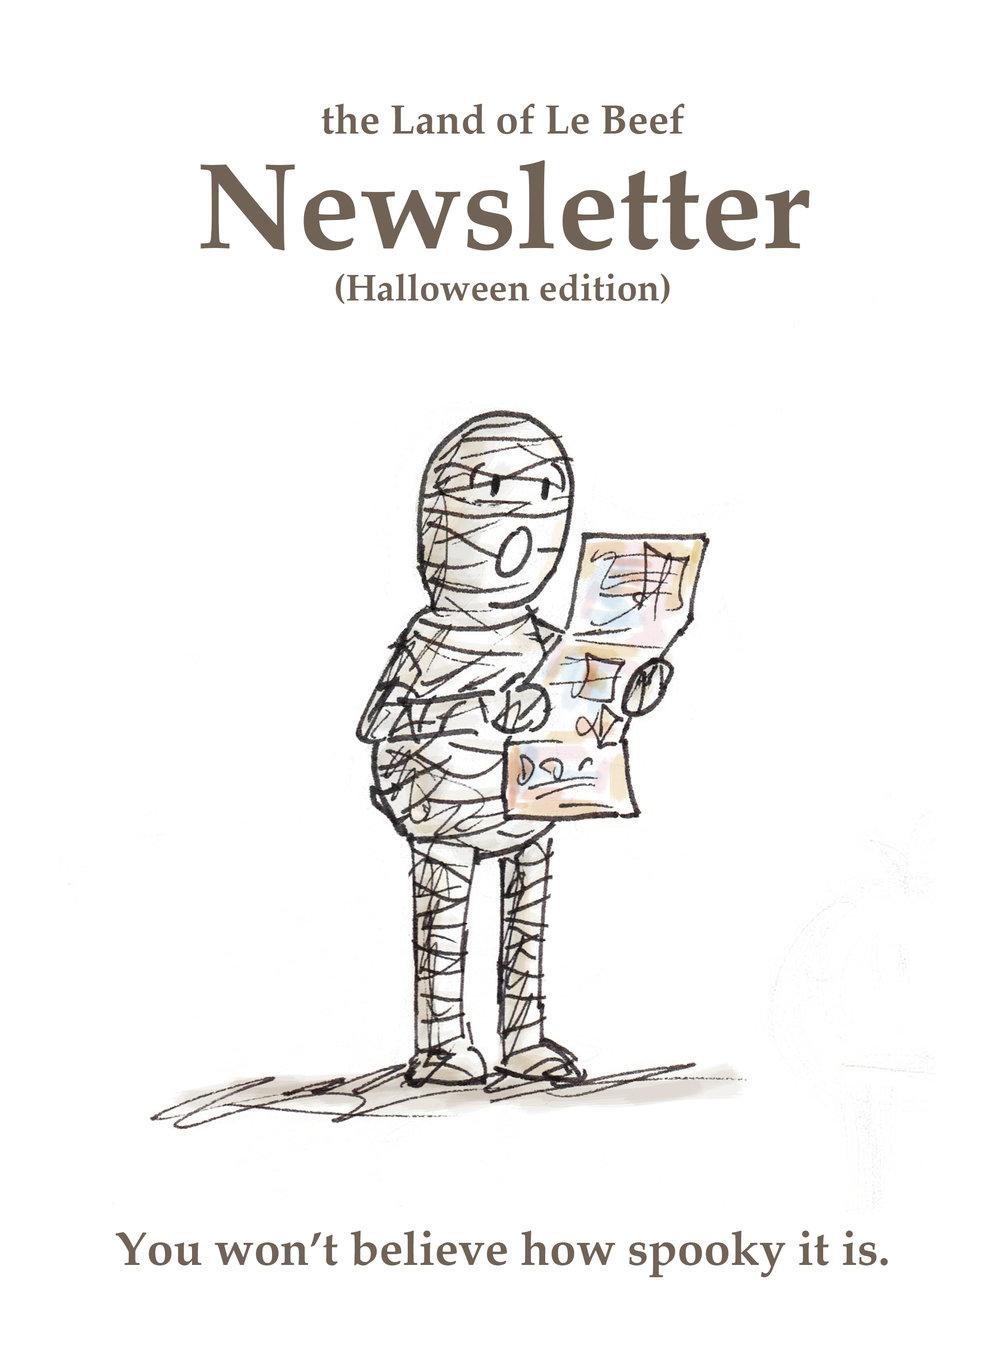 1610_Newsletter-Ad_02.jpg